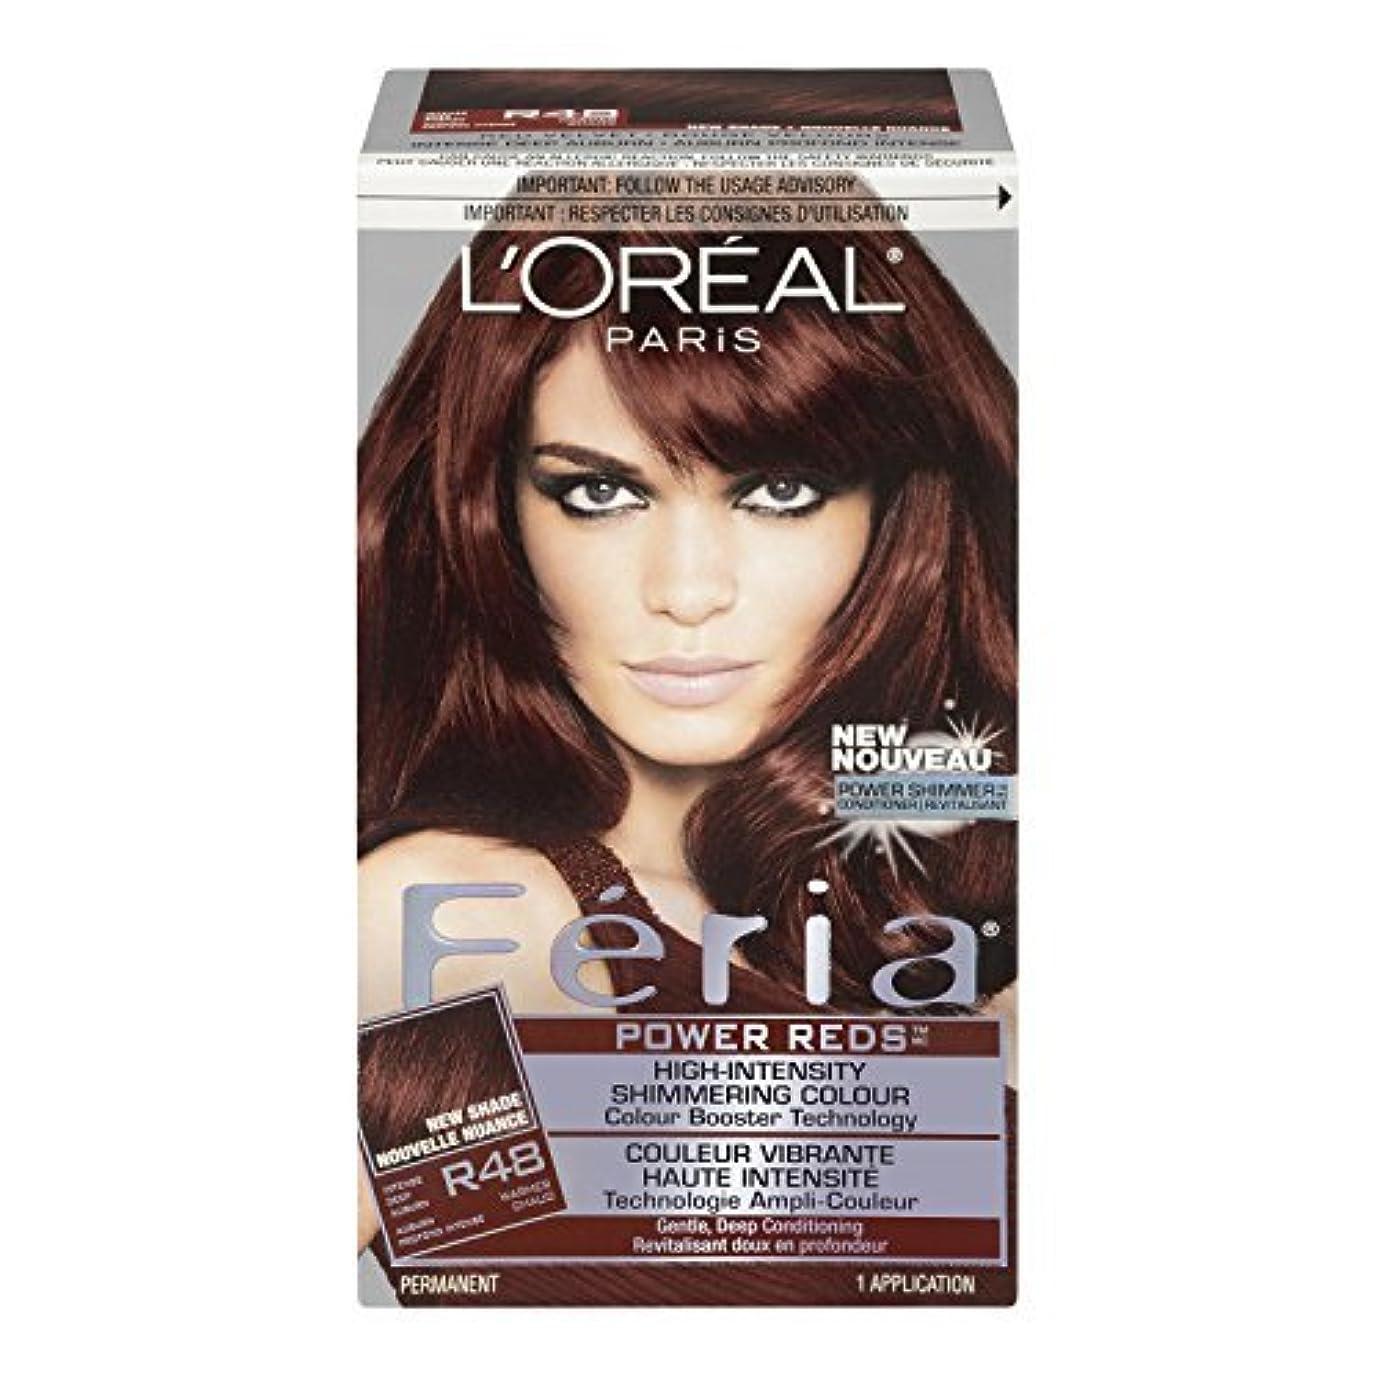 荷物燃やす適切にL'Oreal Feria Power Reds Hair Color, R48 Intense Deep Auburn/Red Velvet by L'Oreal Paris Hair Color [並行輸入品]